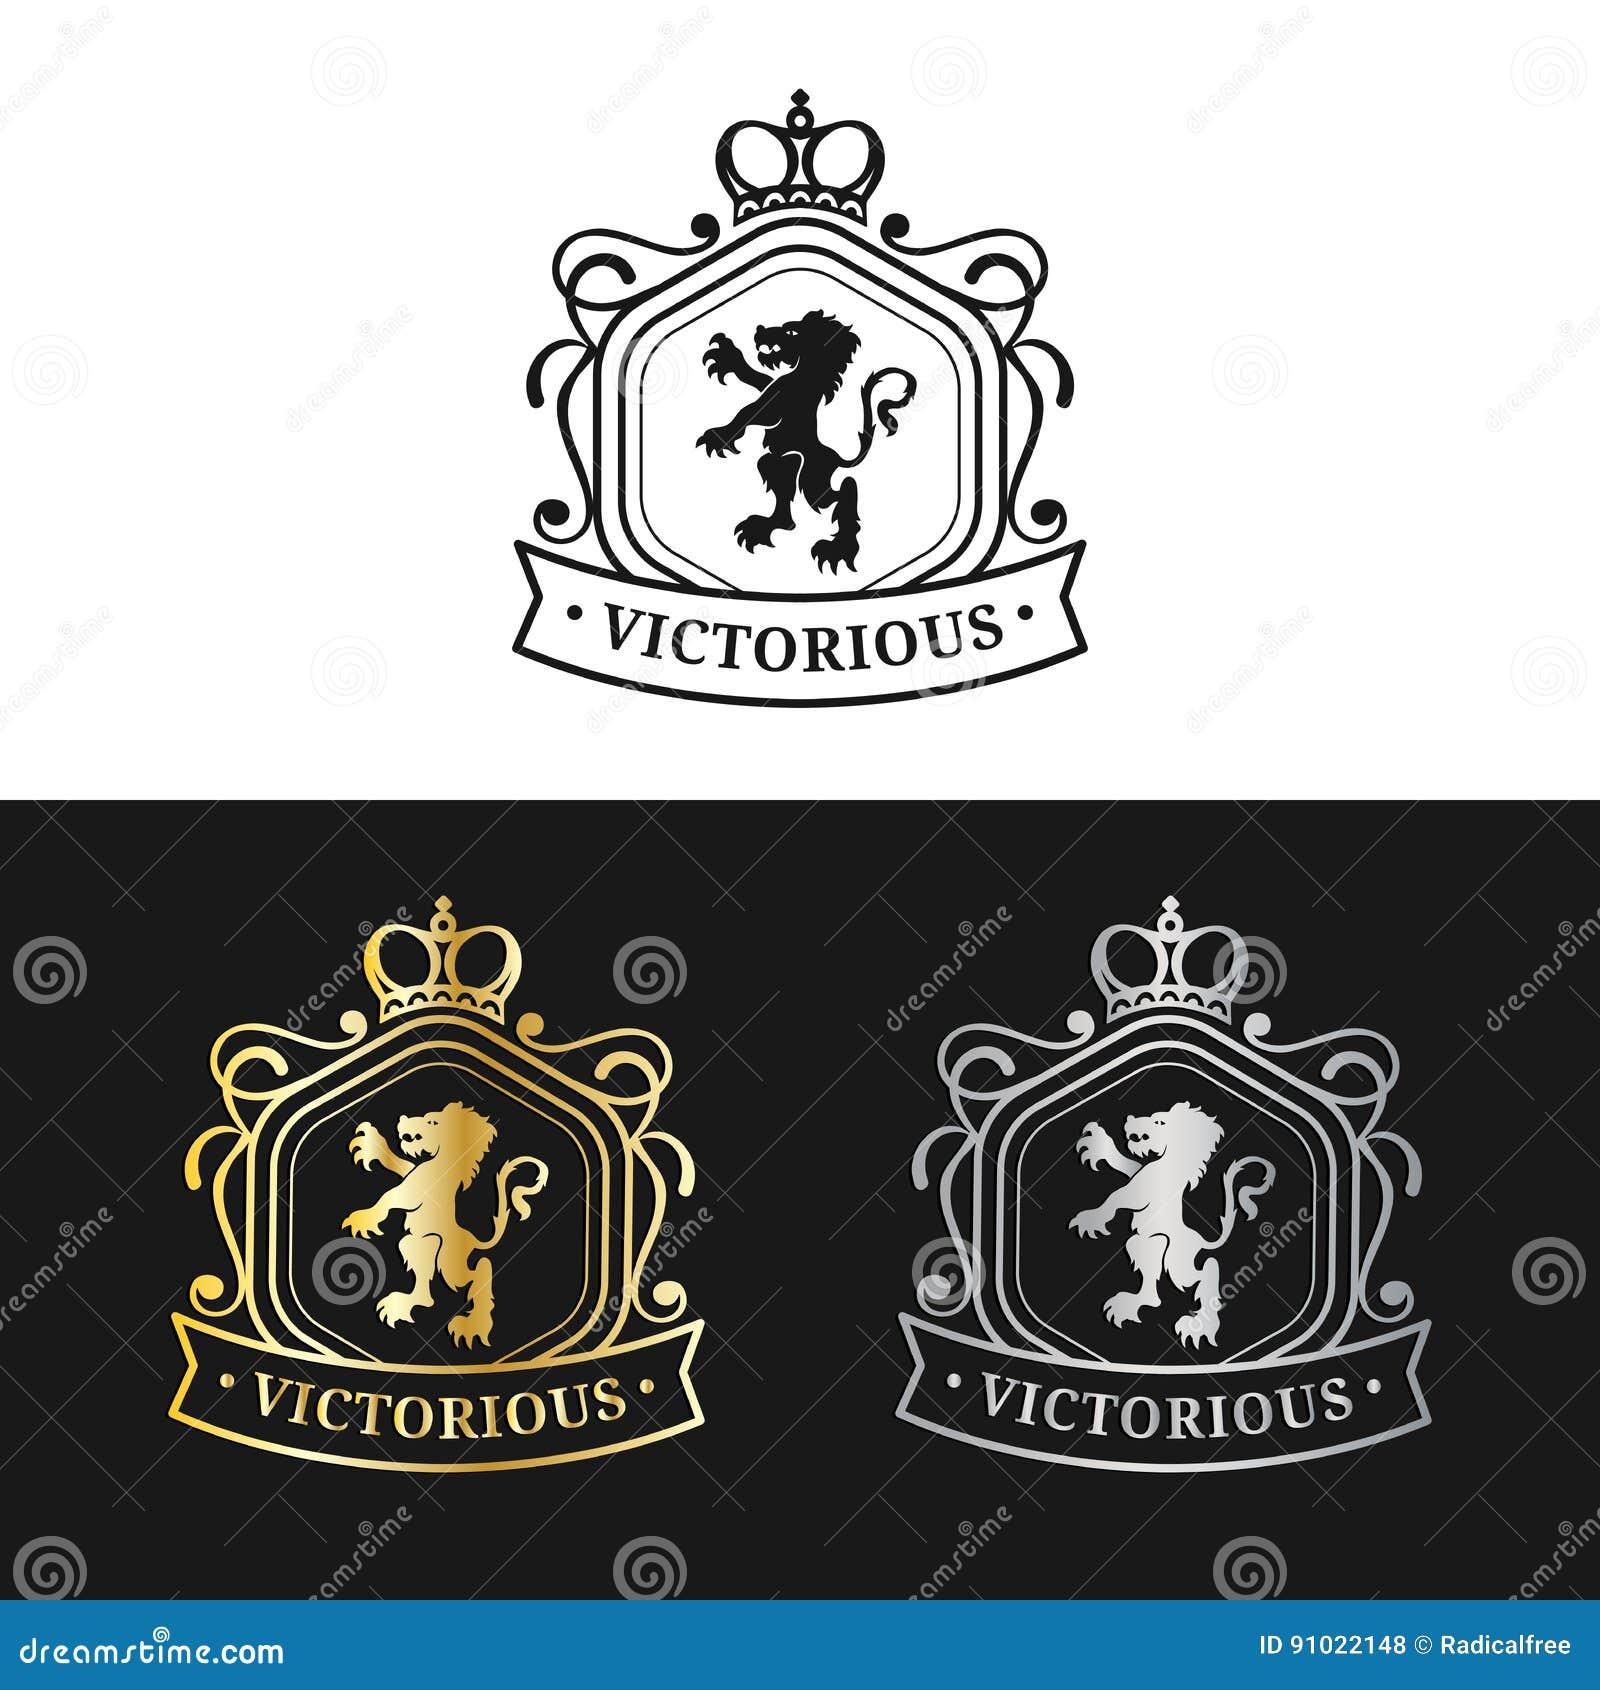 传染媒介组合图案商标模板 豪华冠设计 优美的葡萄酒狮子剪影 使用为旅馆,餐馆等